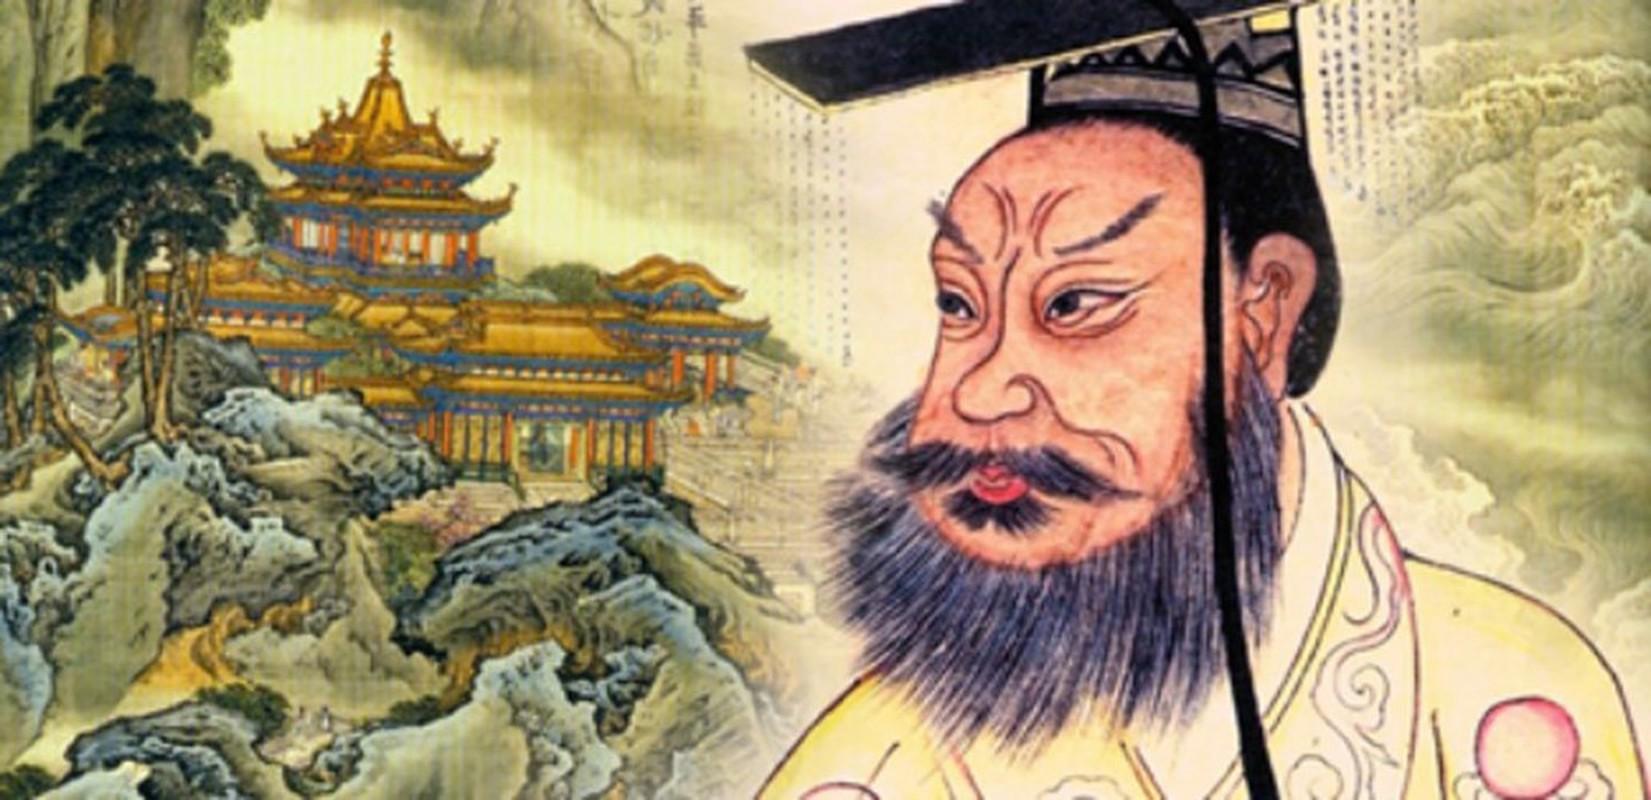 Tan Thuy Hoang chet, bao nhieu phi tan phai tuan tang?-Hinh-7